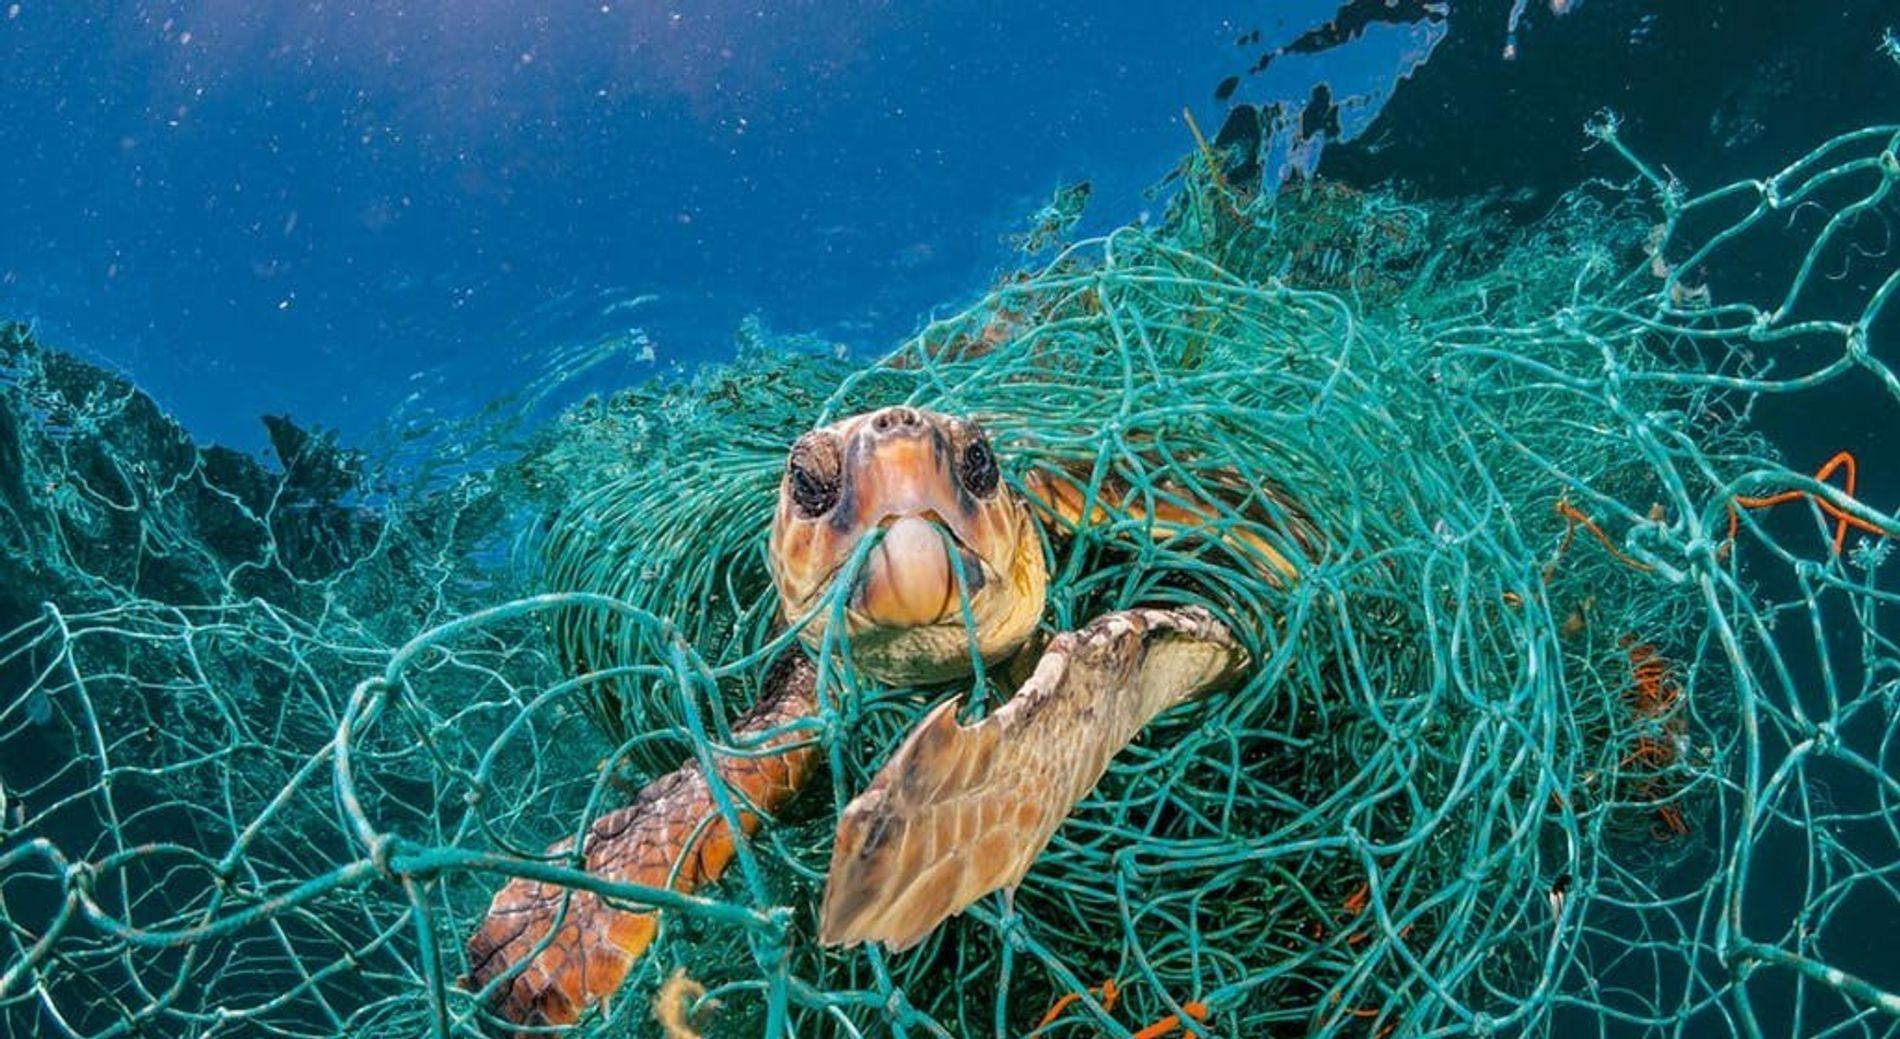 Consumo de Plástico em Portugal: Estamos no Bom Caminho?